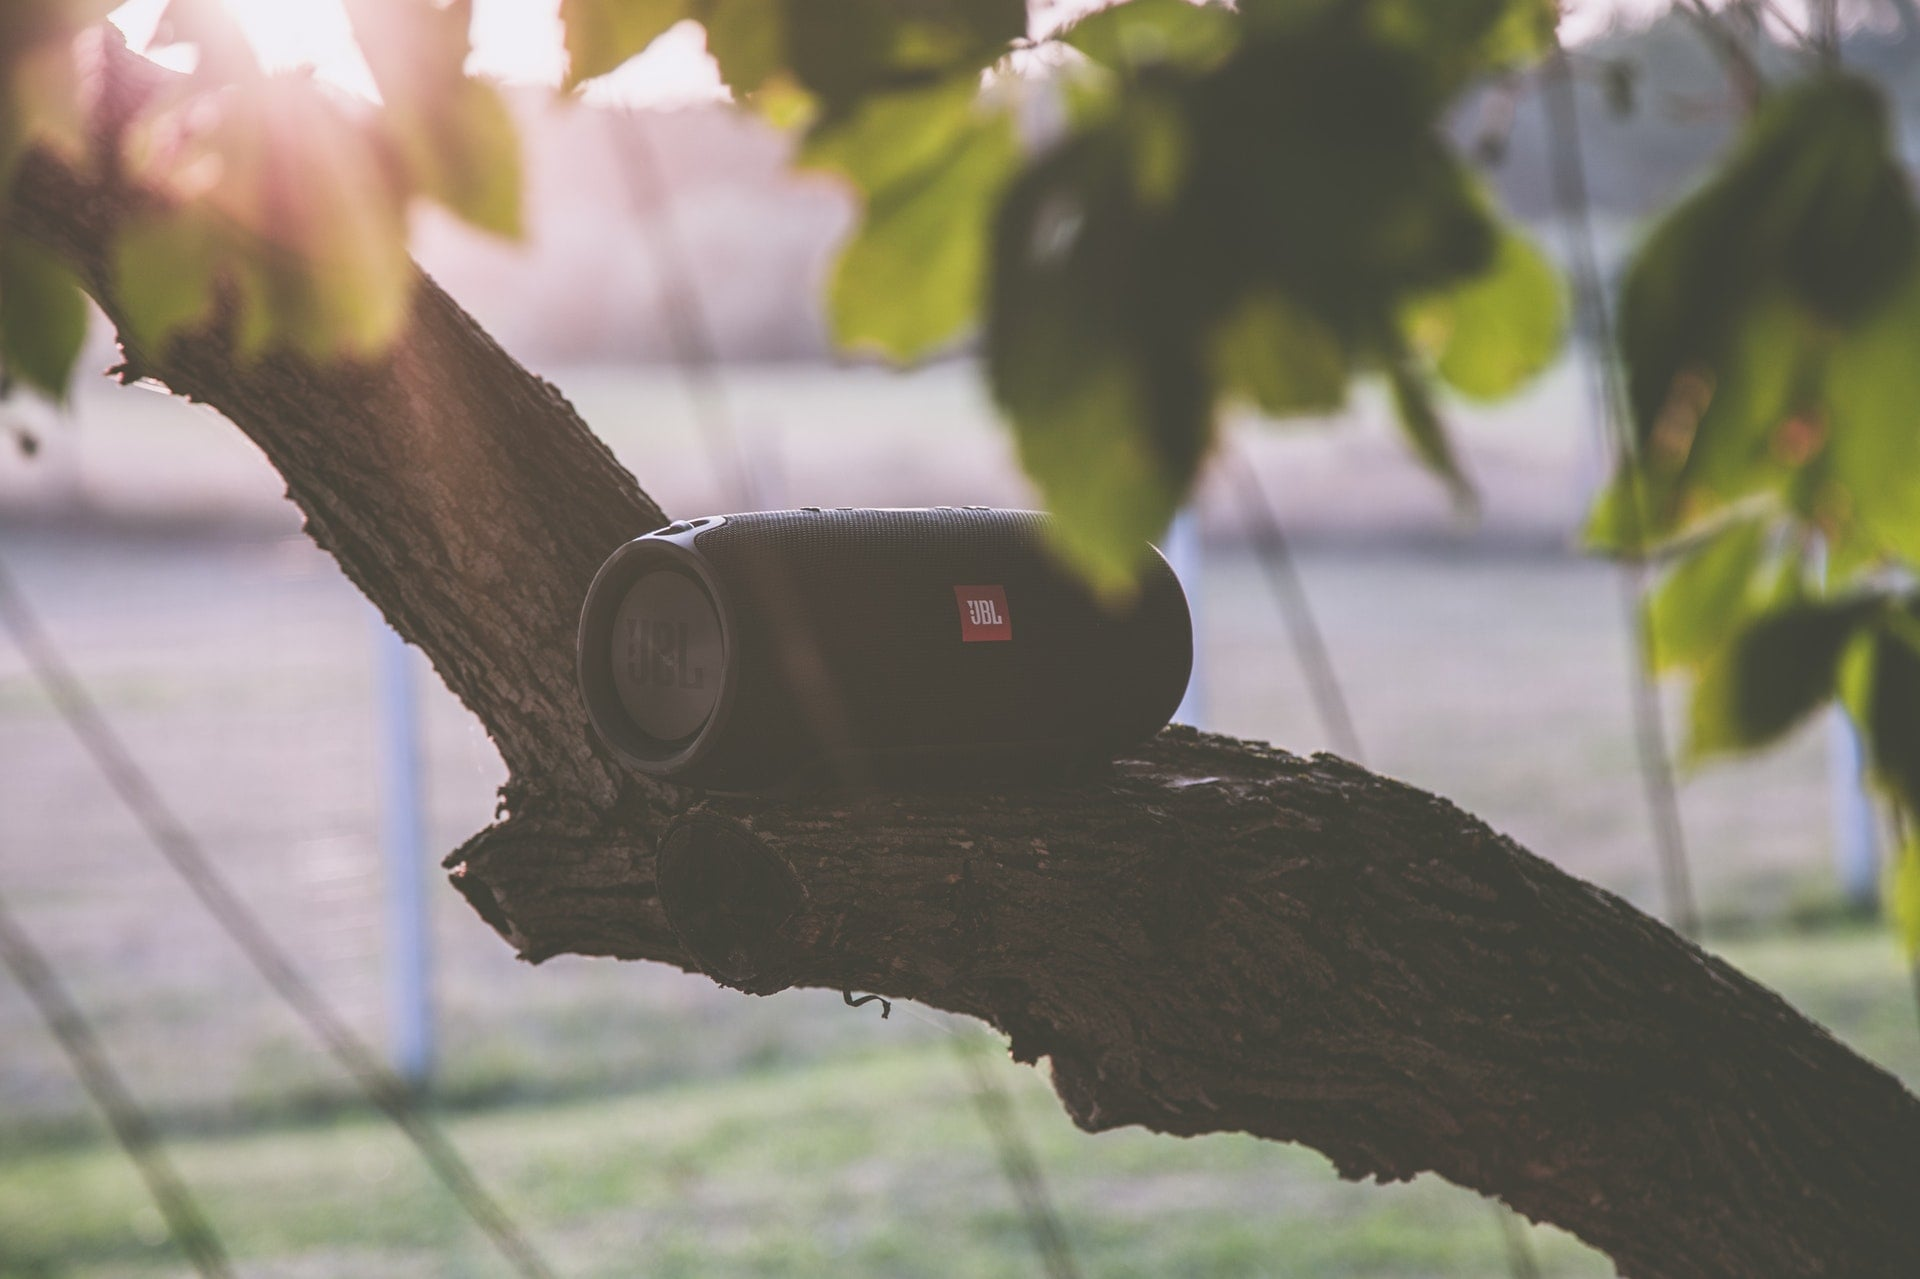 Głośniki bezprzewodowe na lato - krótki przegląd niedrogich modeli 31